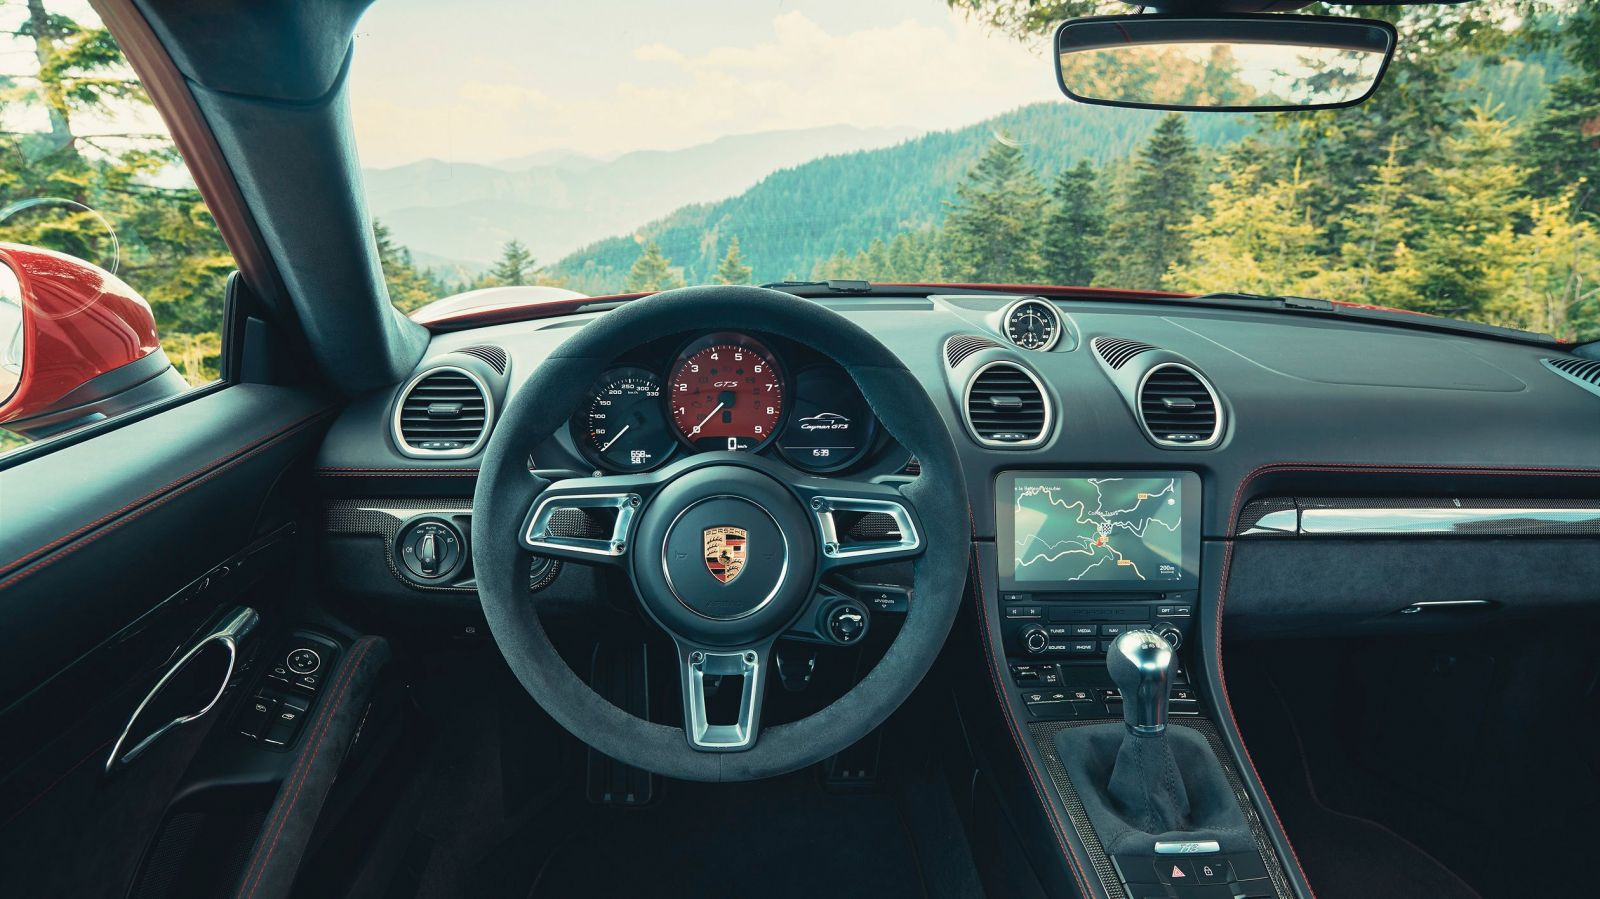 Porsche otáča a v šoférskych 718-kach nahrádza štvorvalec 400-koňovým šesťvalcom